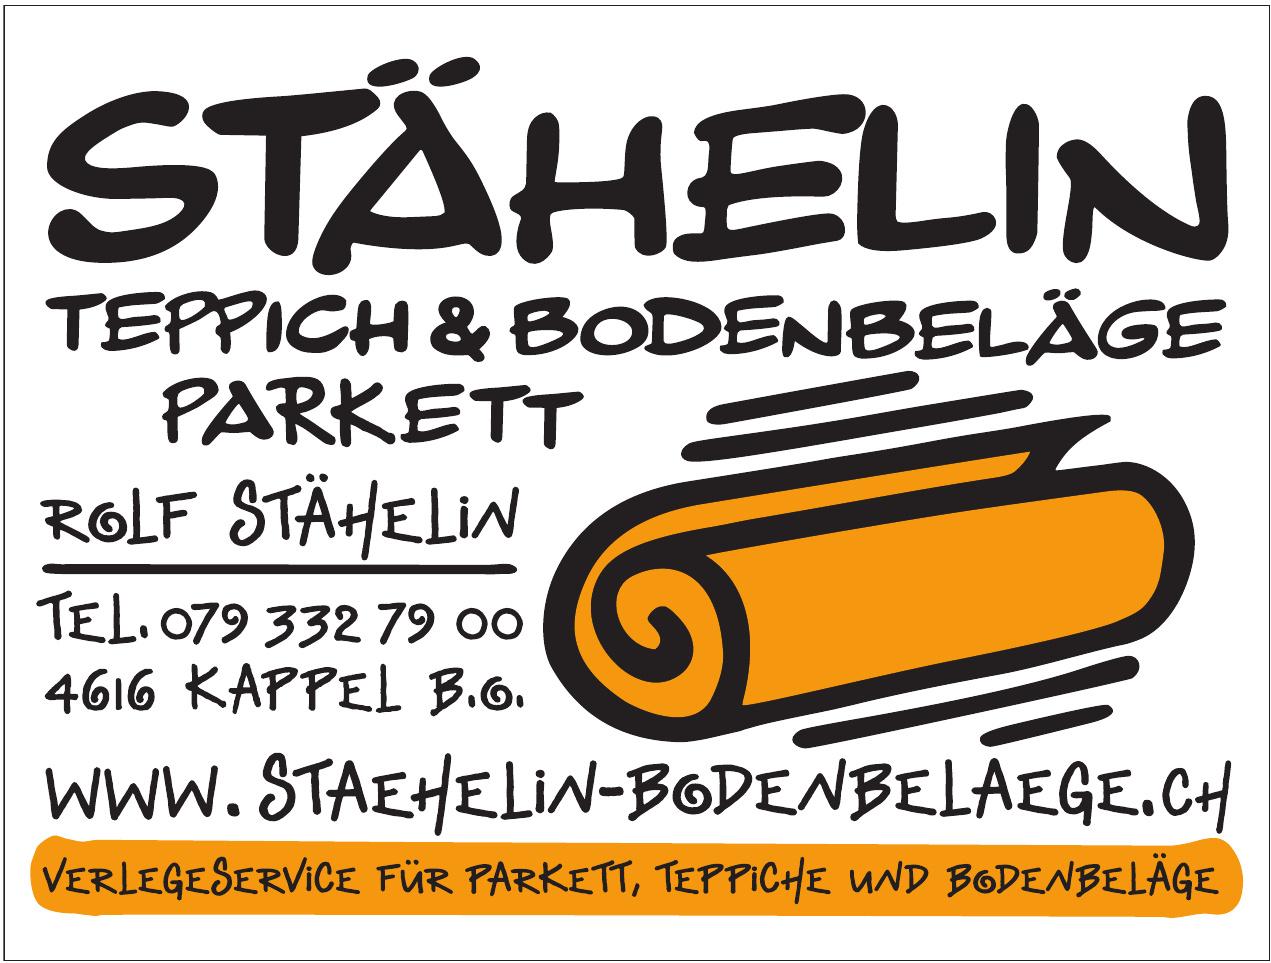 Stähelin Teppich & Bodenbeläge Parkett